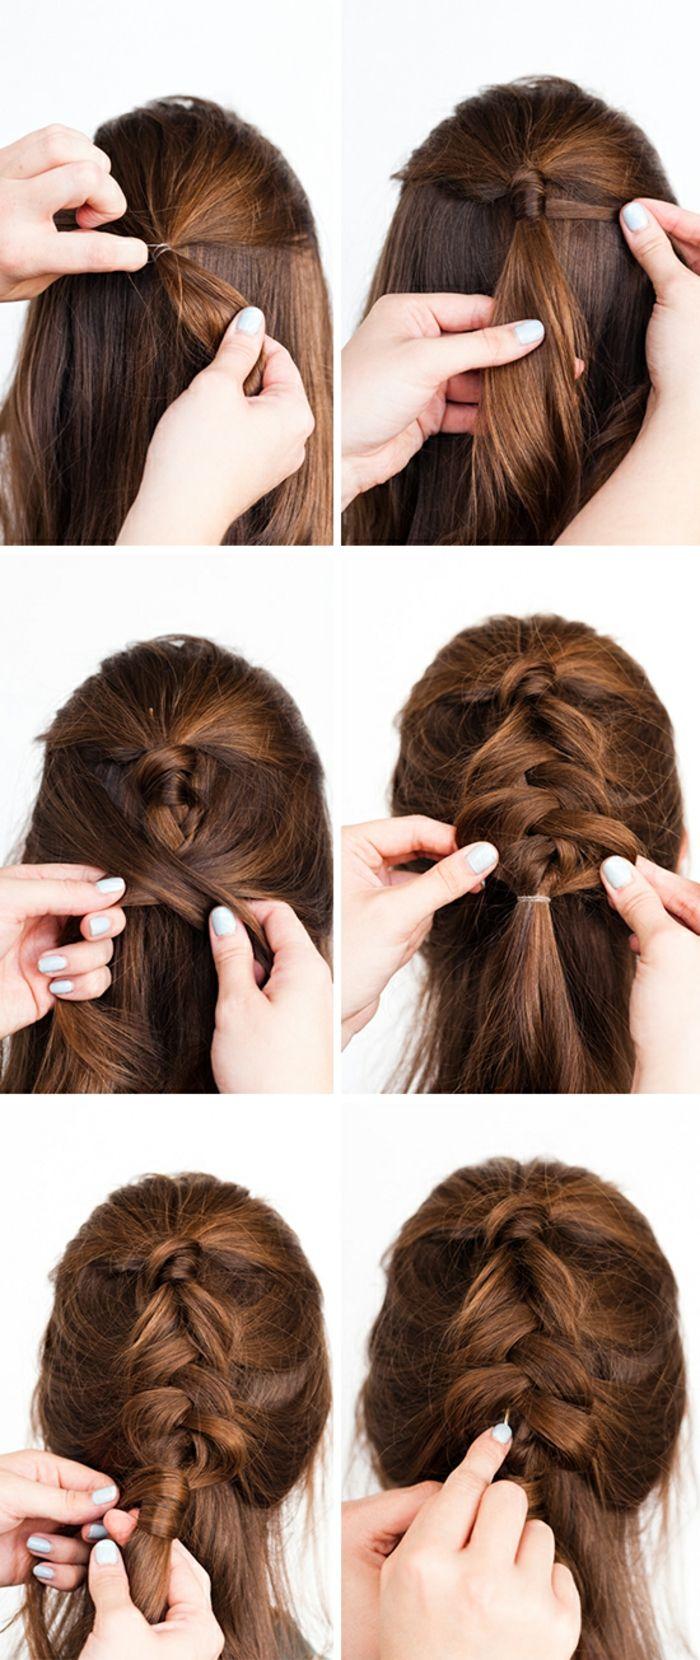 Schritt-für-Schritt Anleitung für einfache Flechtfrisur, schnelle Frisur, die in 5 Minuten fertig ist